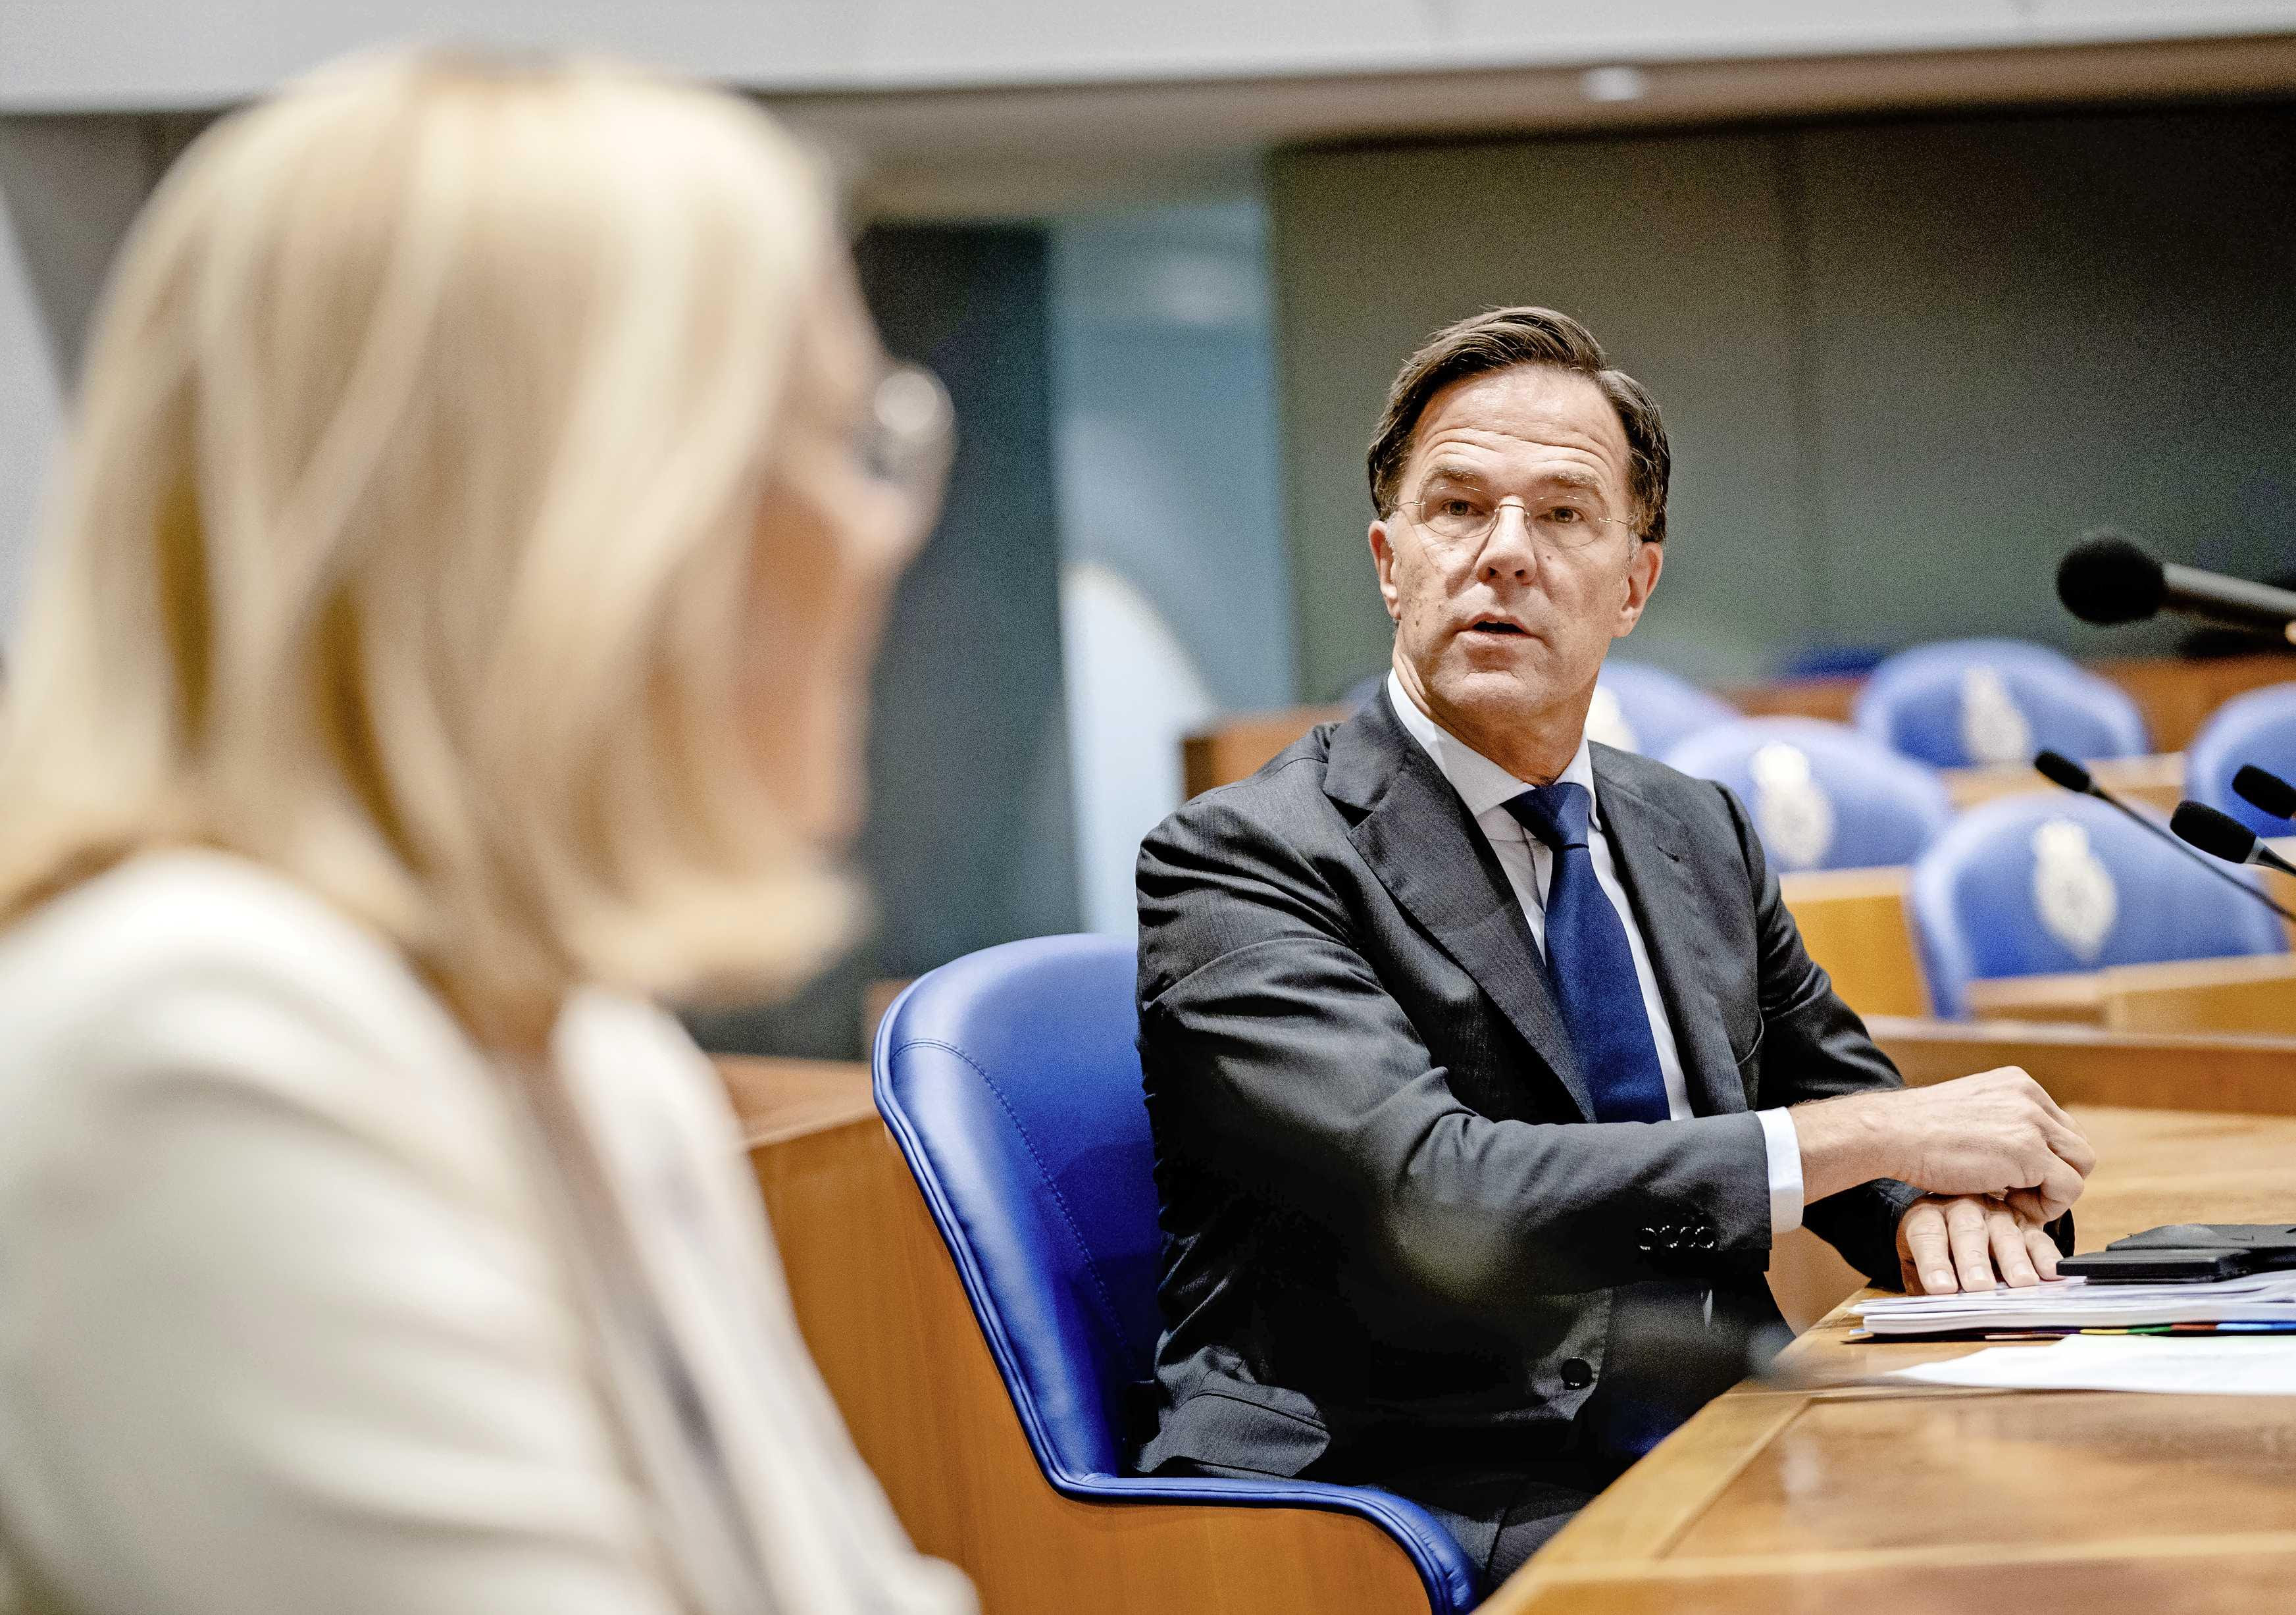 Remkes gaat weekend de hei op met VVD, D66 en CDA